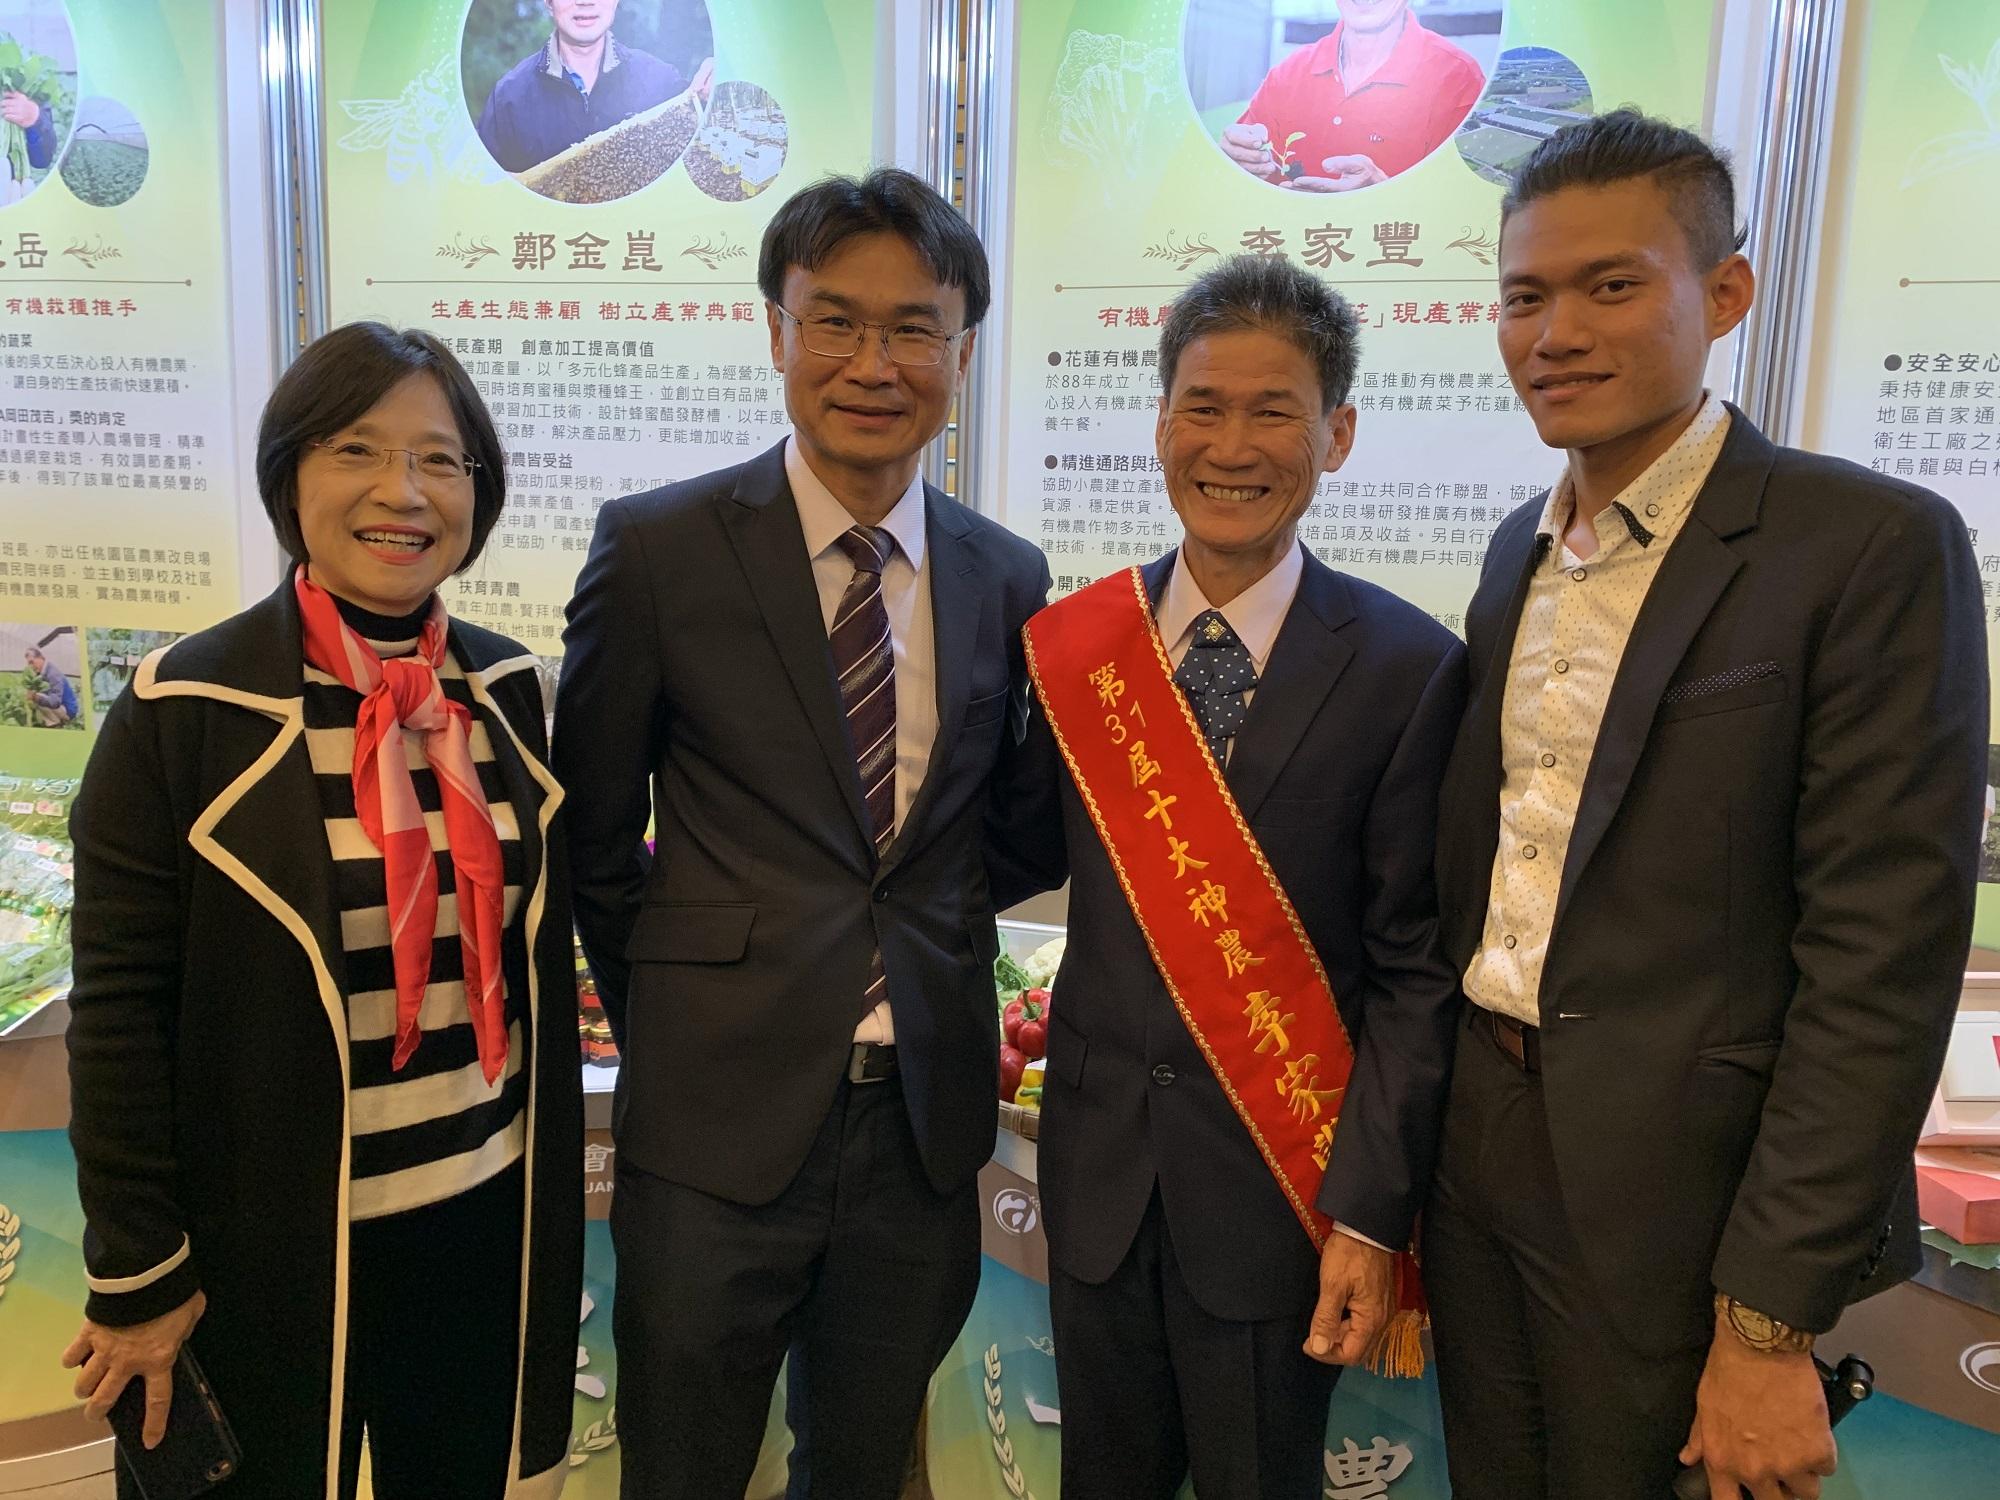 陳吉仲主委及杜麗華場長鼓勵薪火一定要相傳